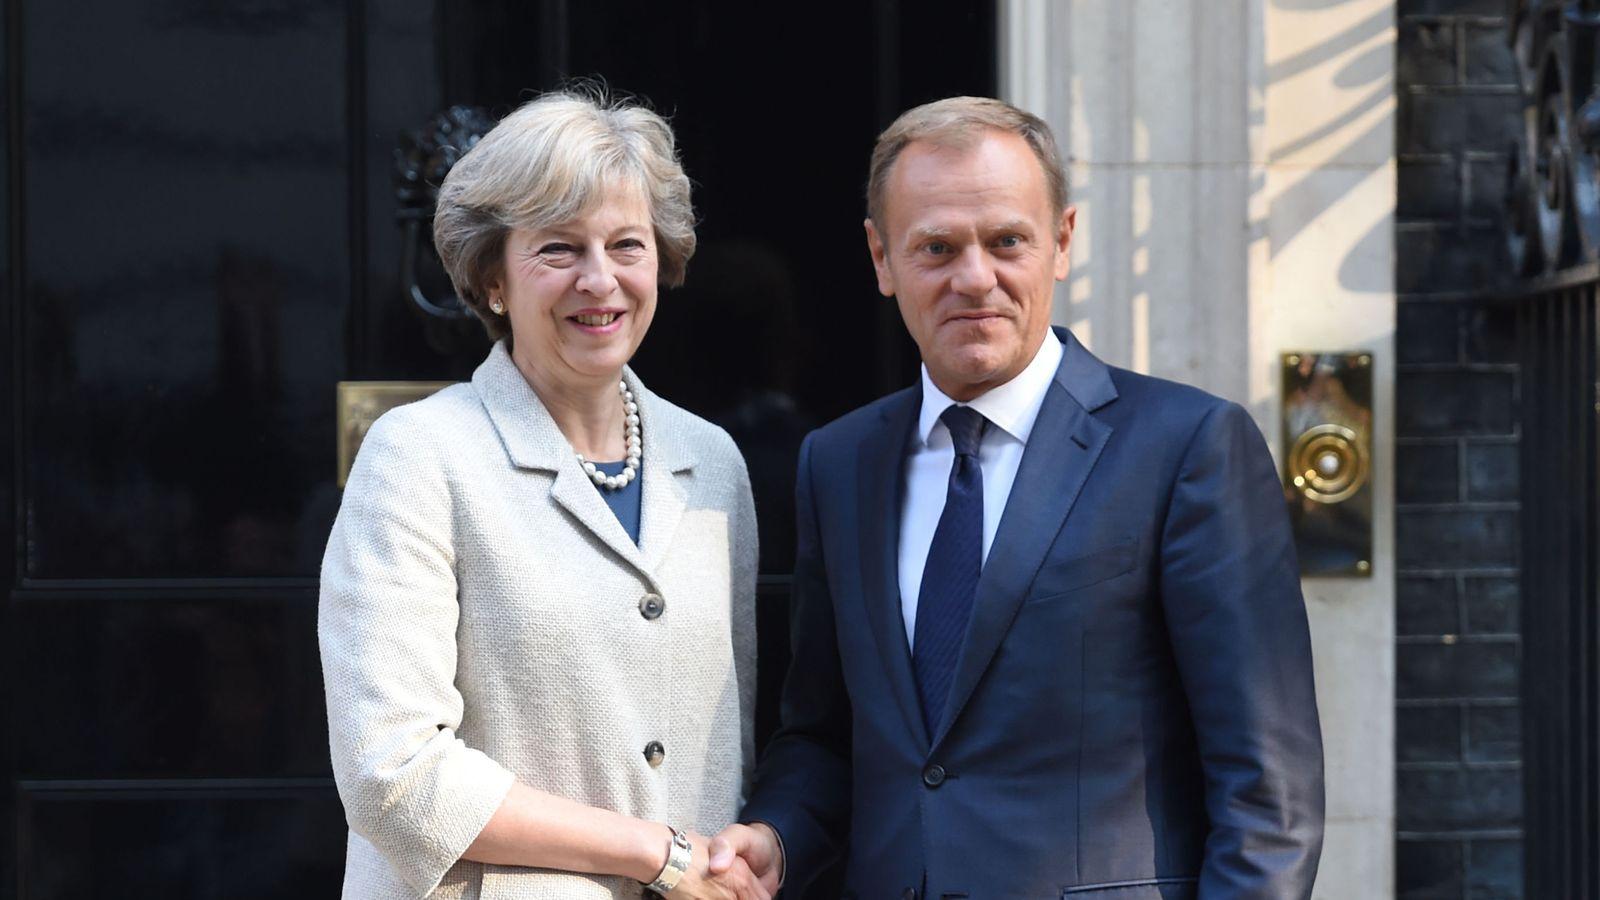 PM Theresa May greets European Council president Donald Tusk